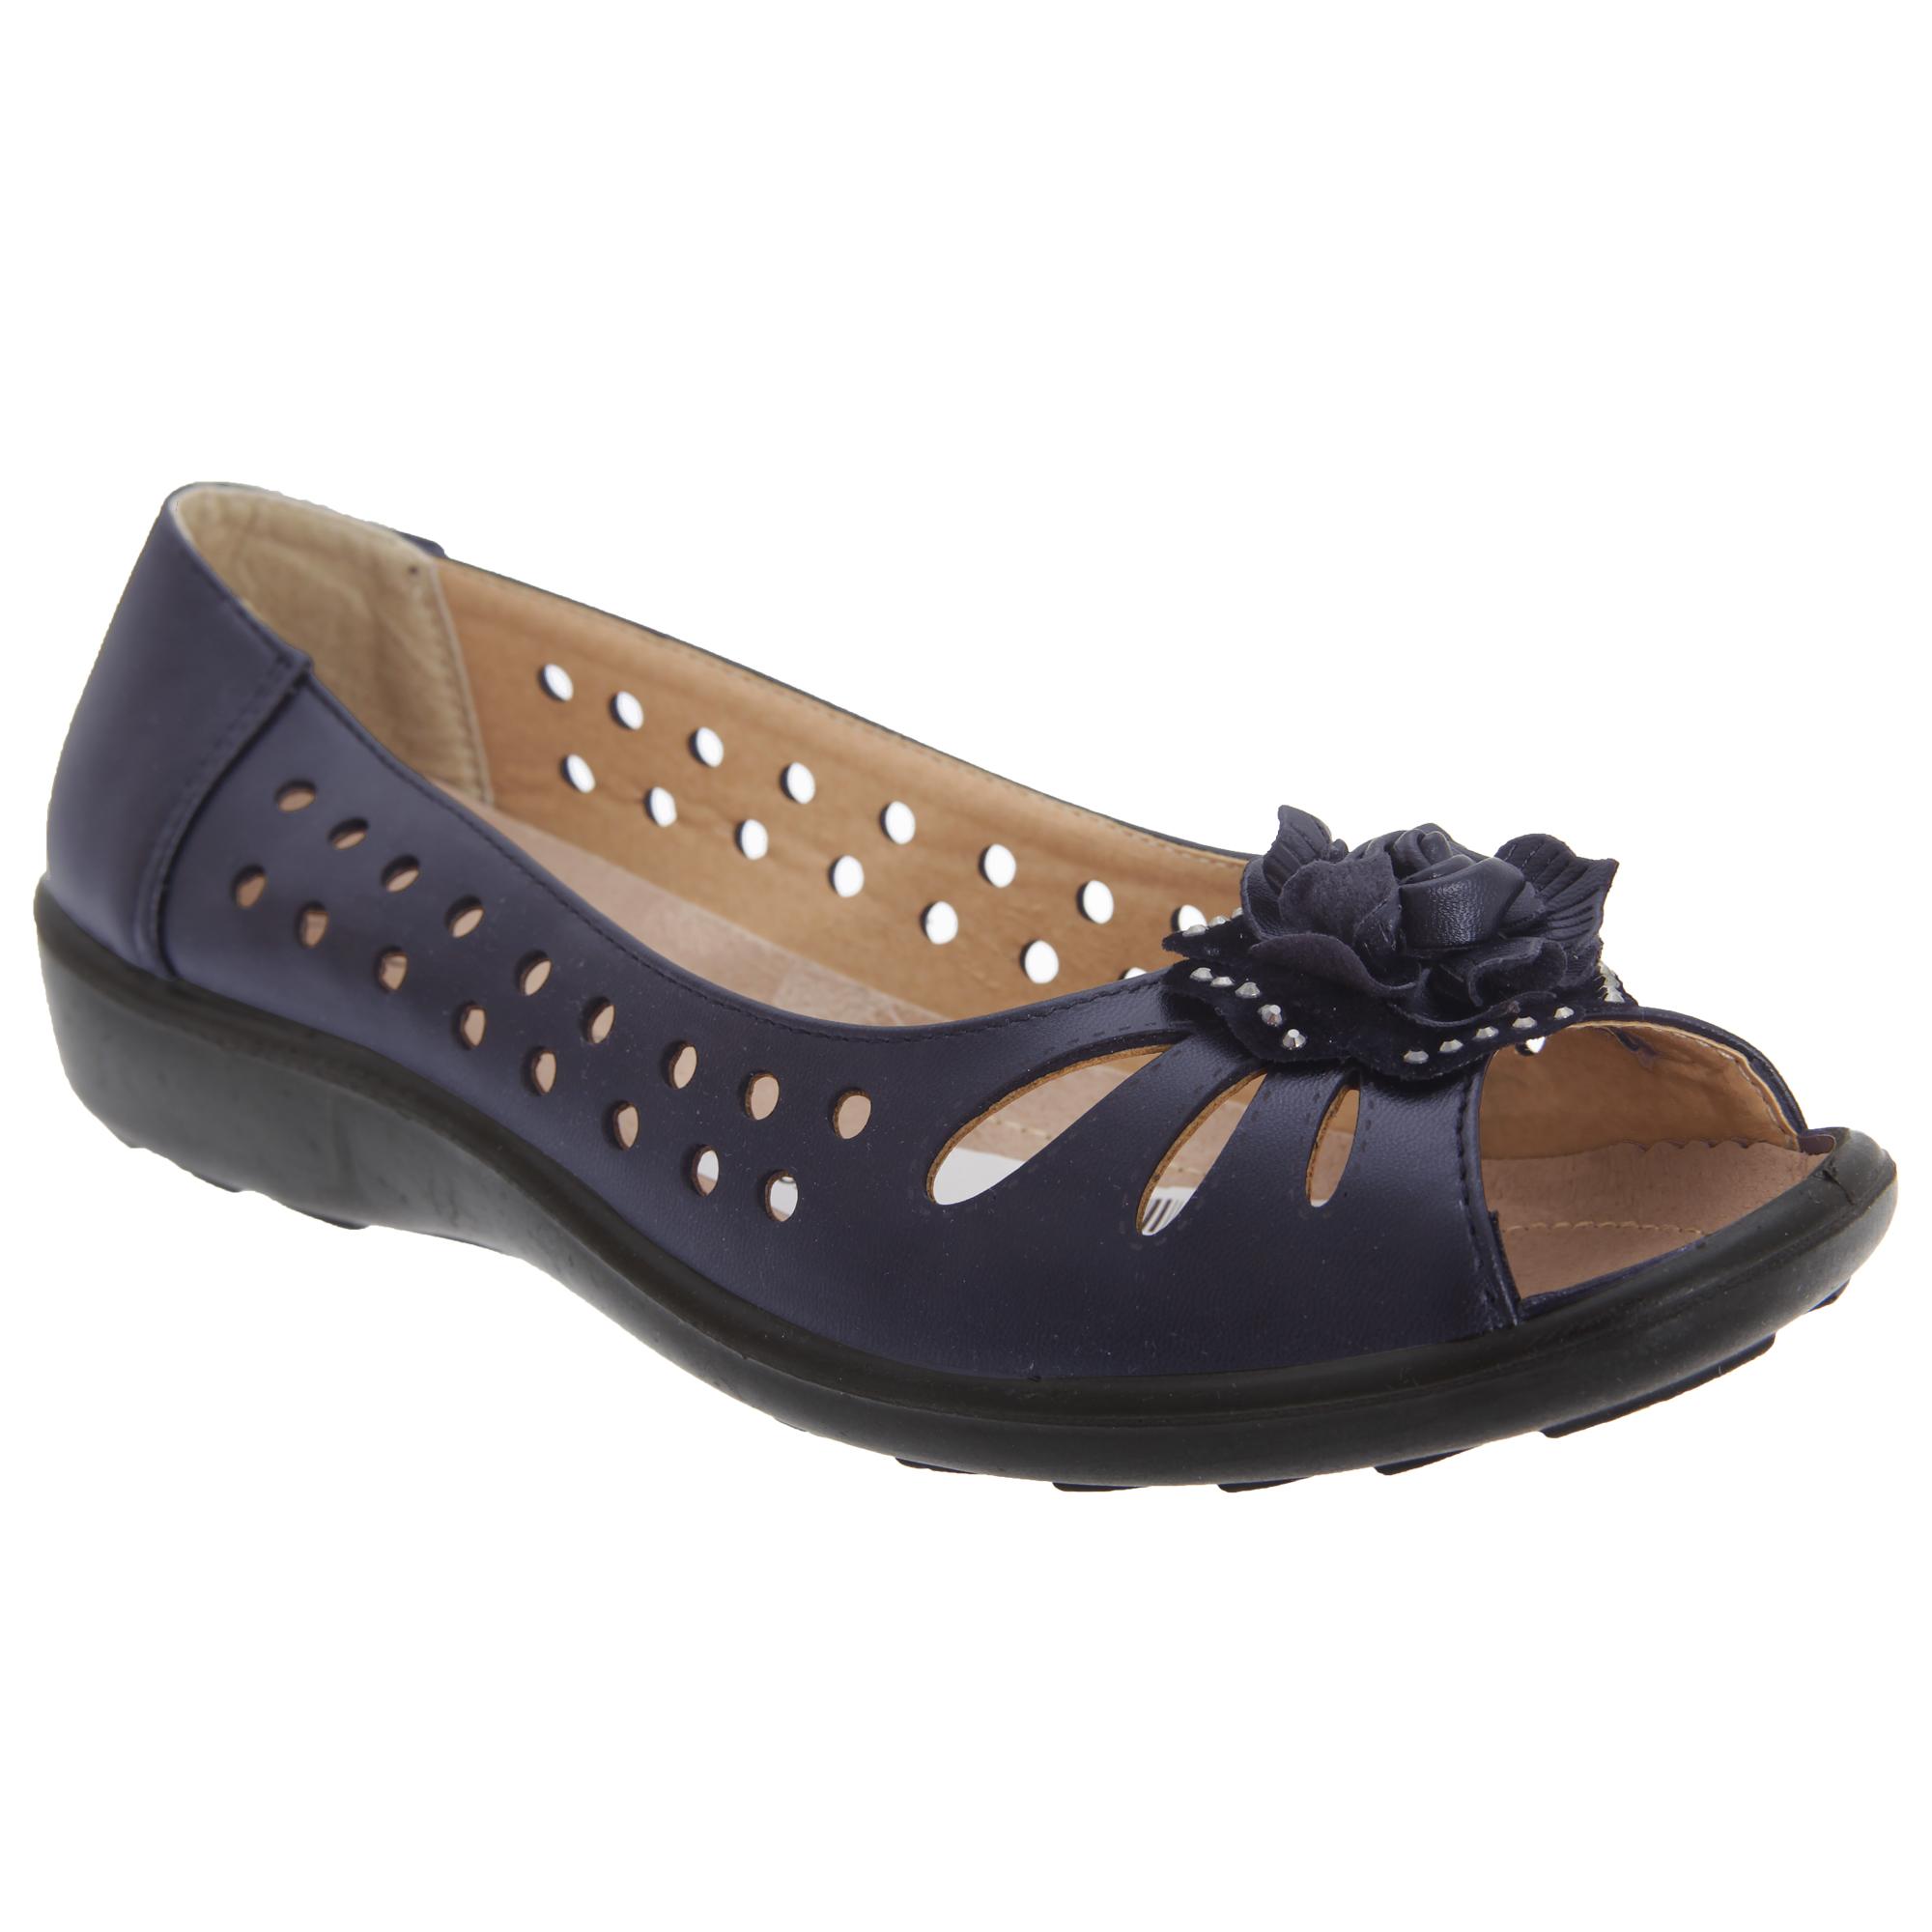 Boulevard -  Zapatos   Zapatos casuales con puntera abierta modelo Punched para (DF445) 9d52c1